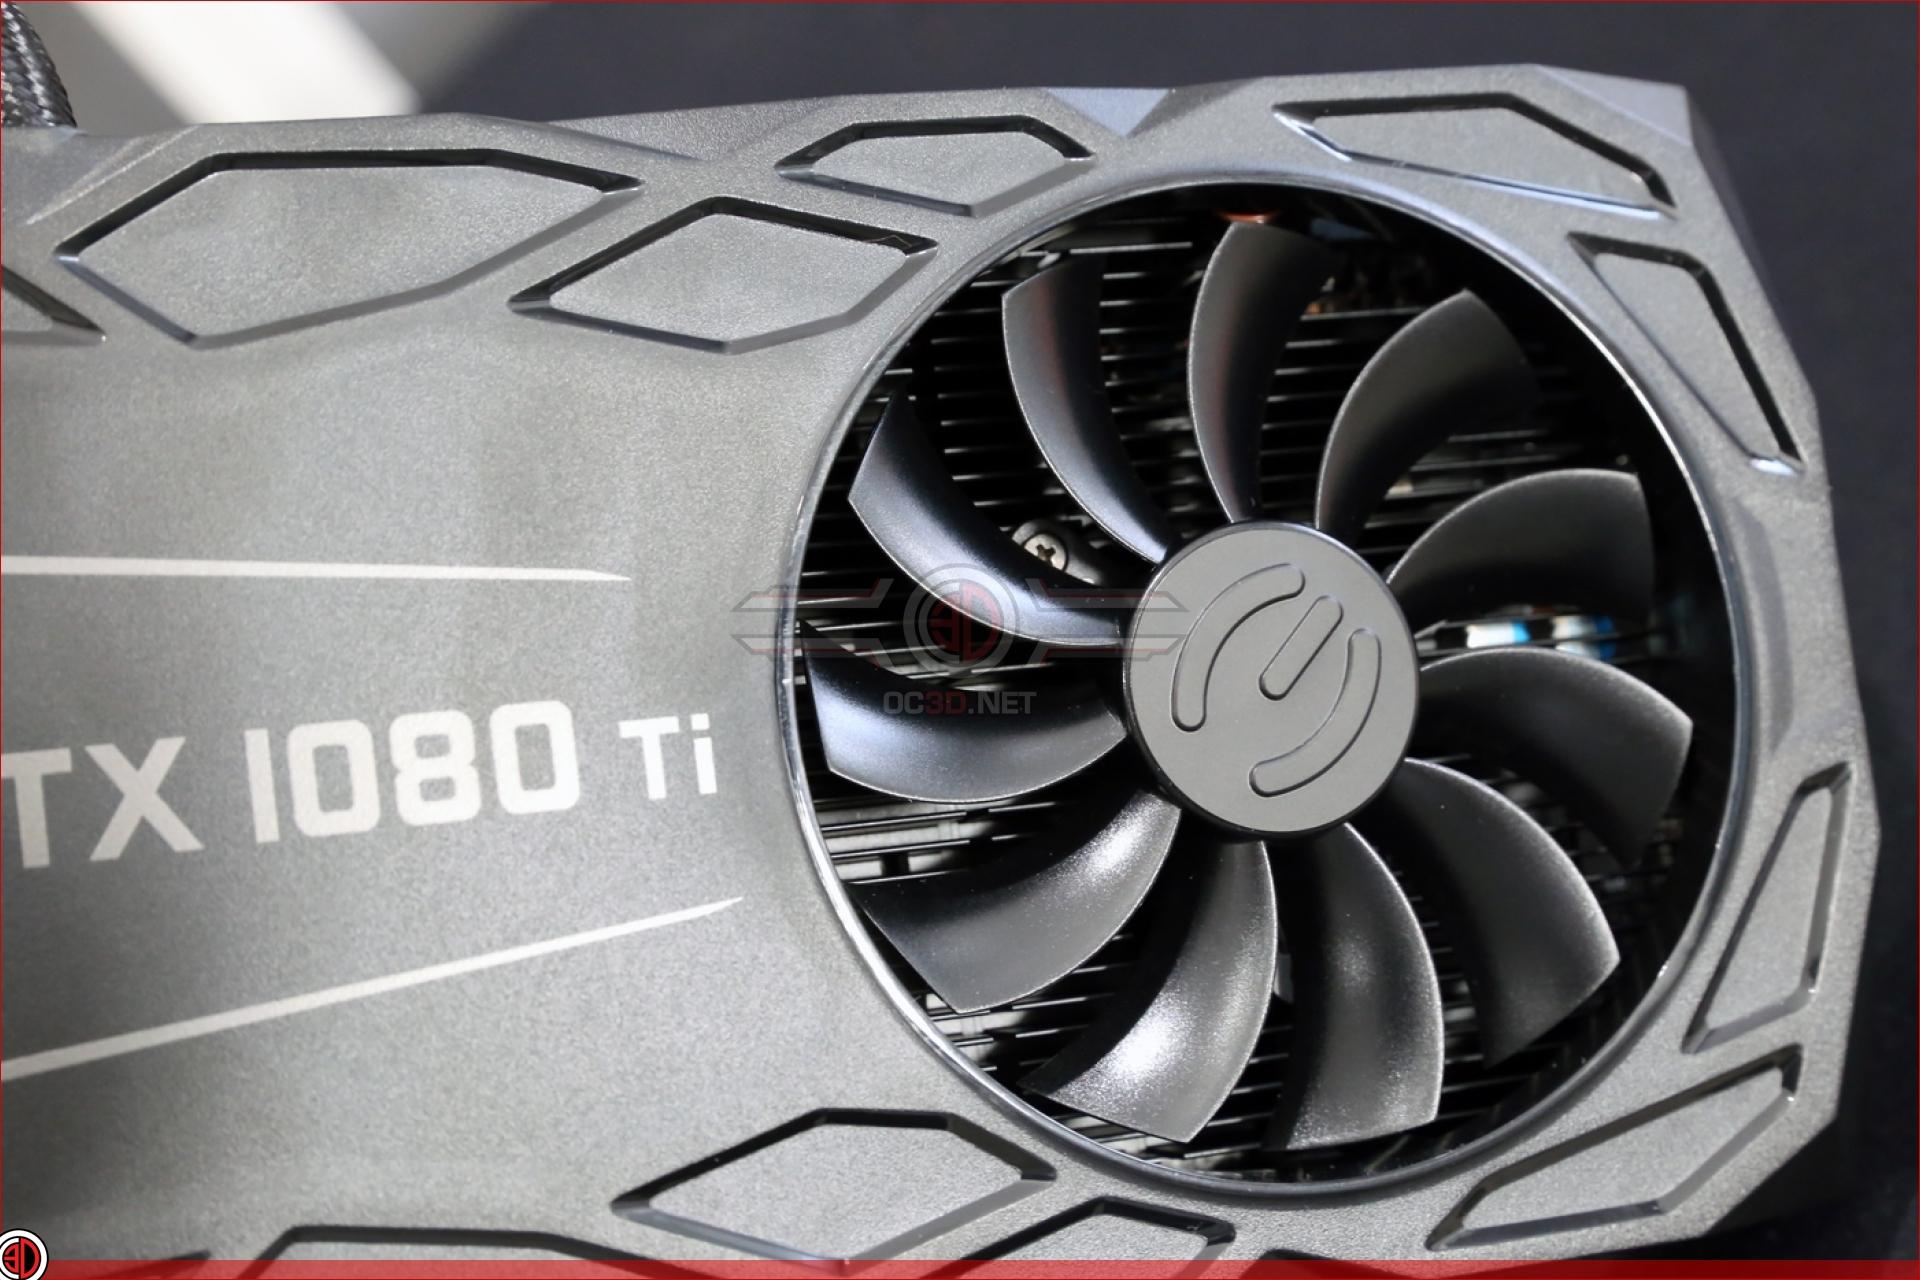 EVGA GTX 1080 Ti FTW3 Hybrid Review | Up Close | GPU